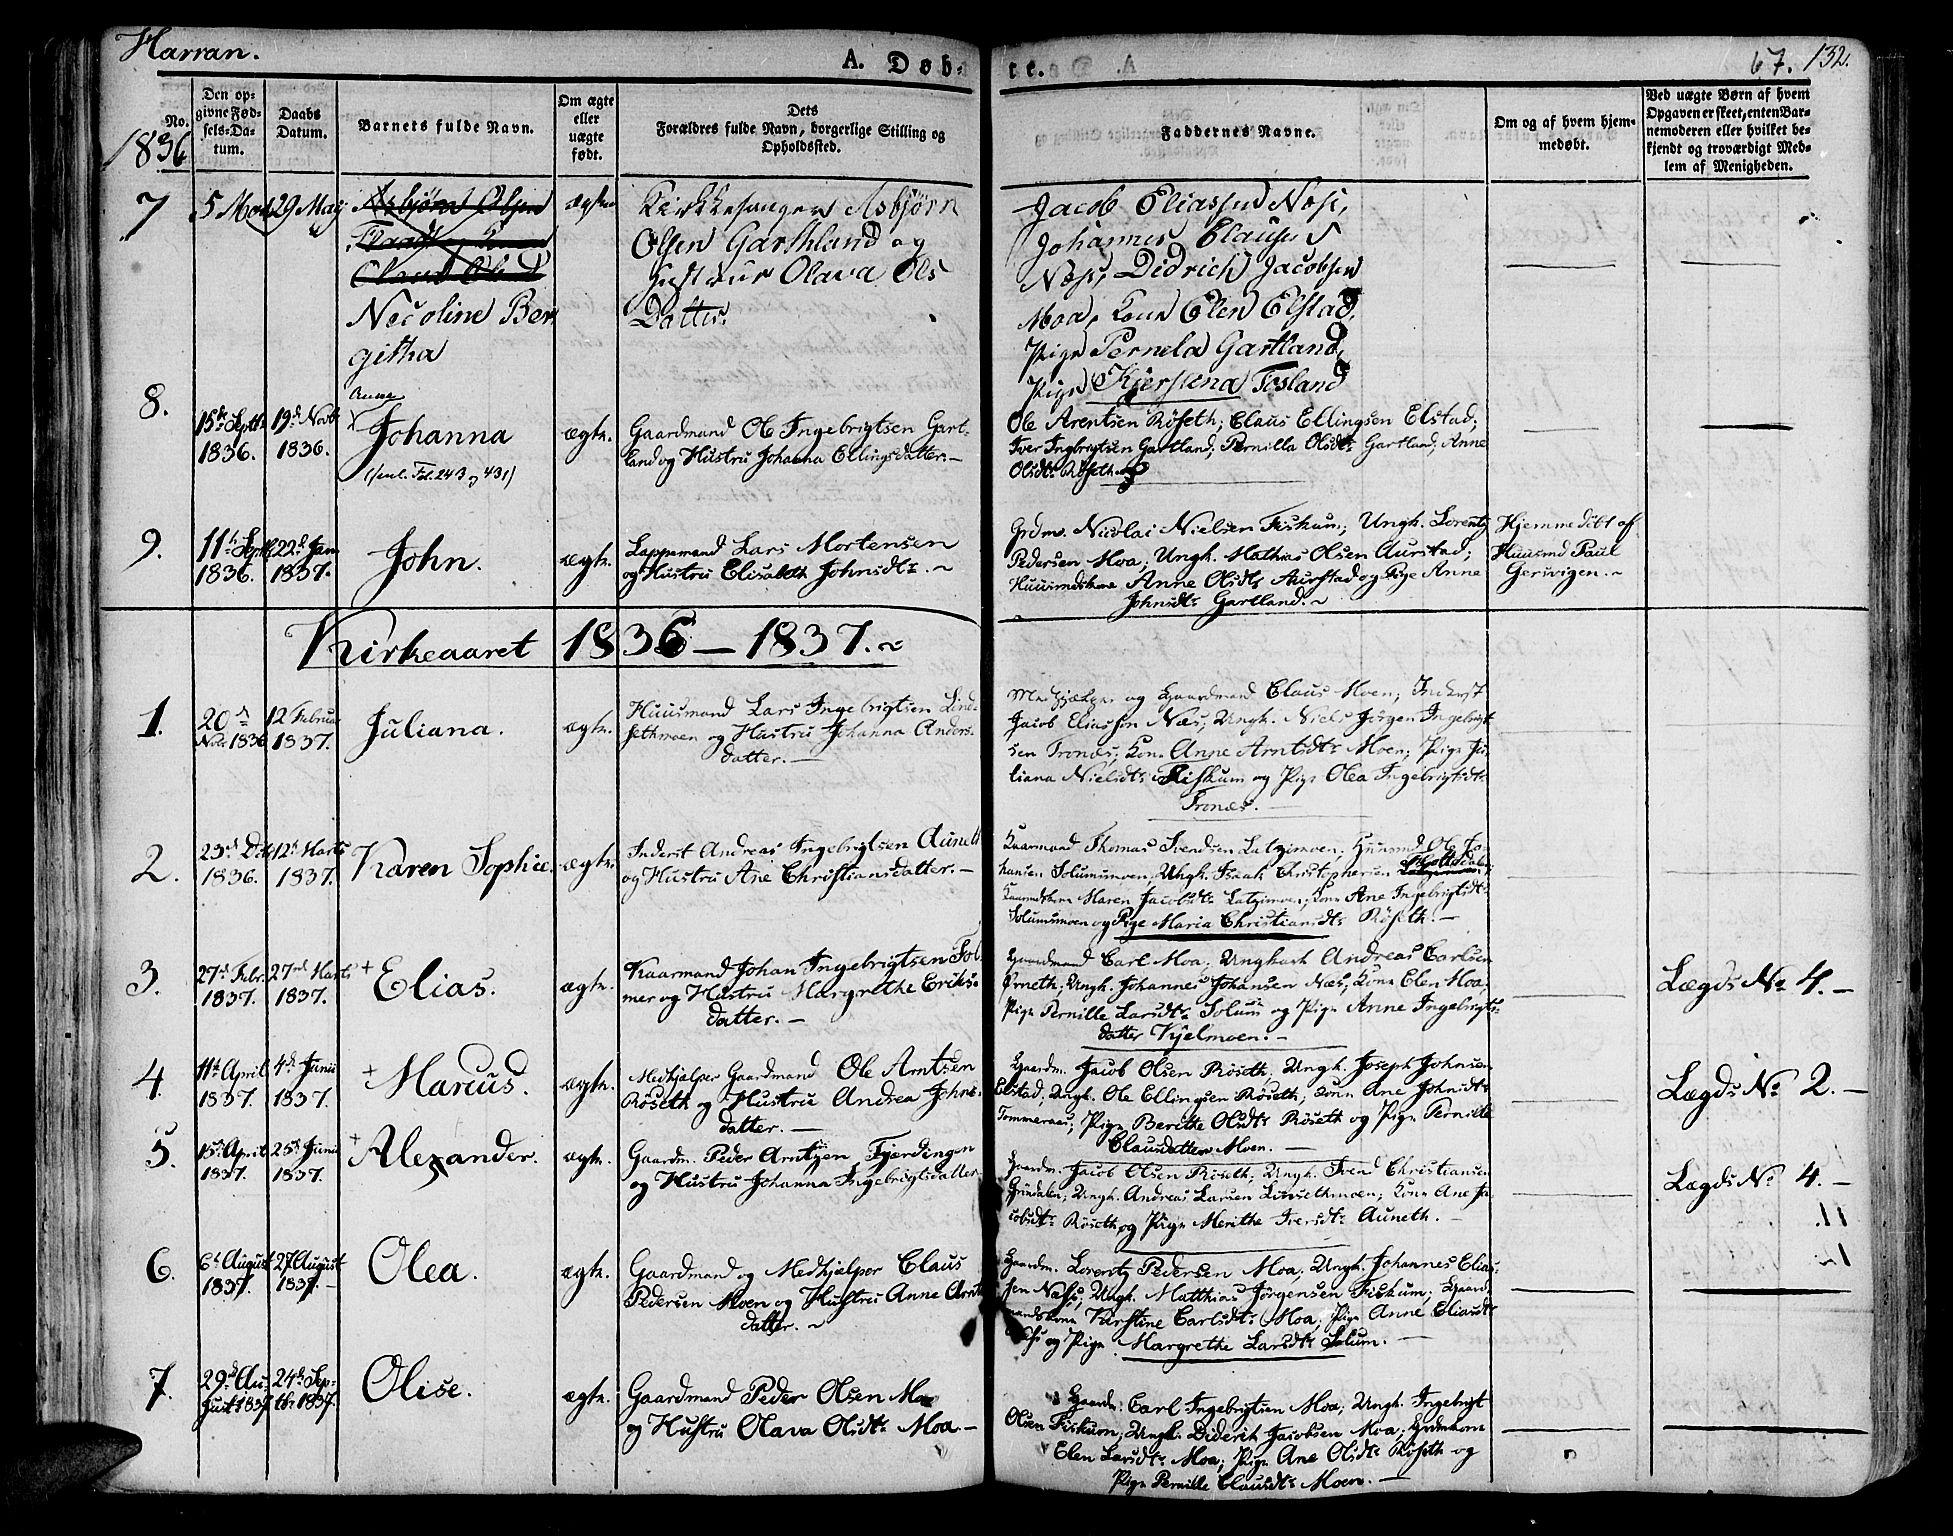 SAT, Ministerialprotokoller, klokkerbøker og fødselsregistre - Nord-Trøndelag, 758/L0510: Ministerialbok nr. 758A01 /3, 1821-1841, s. 67